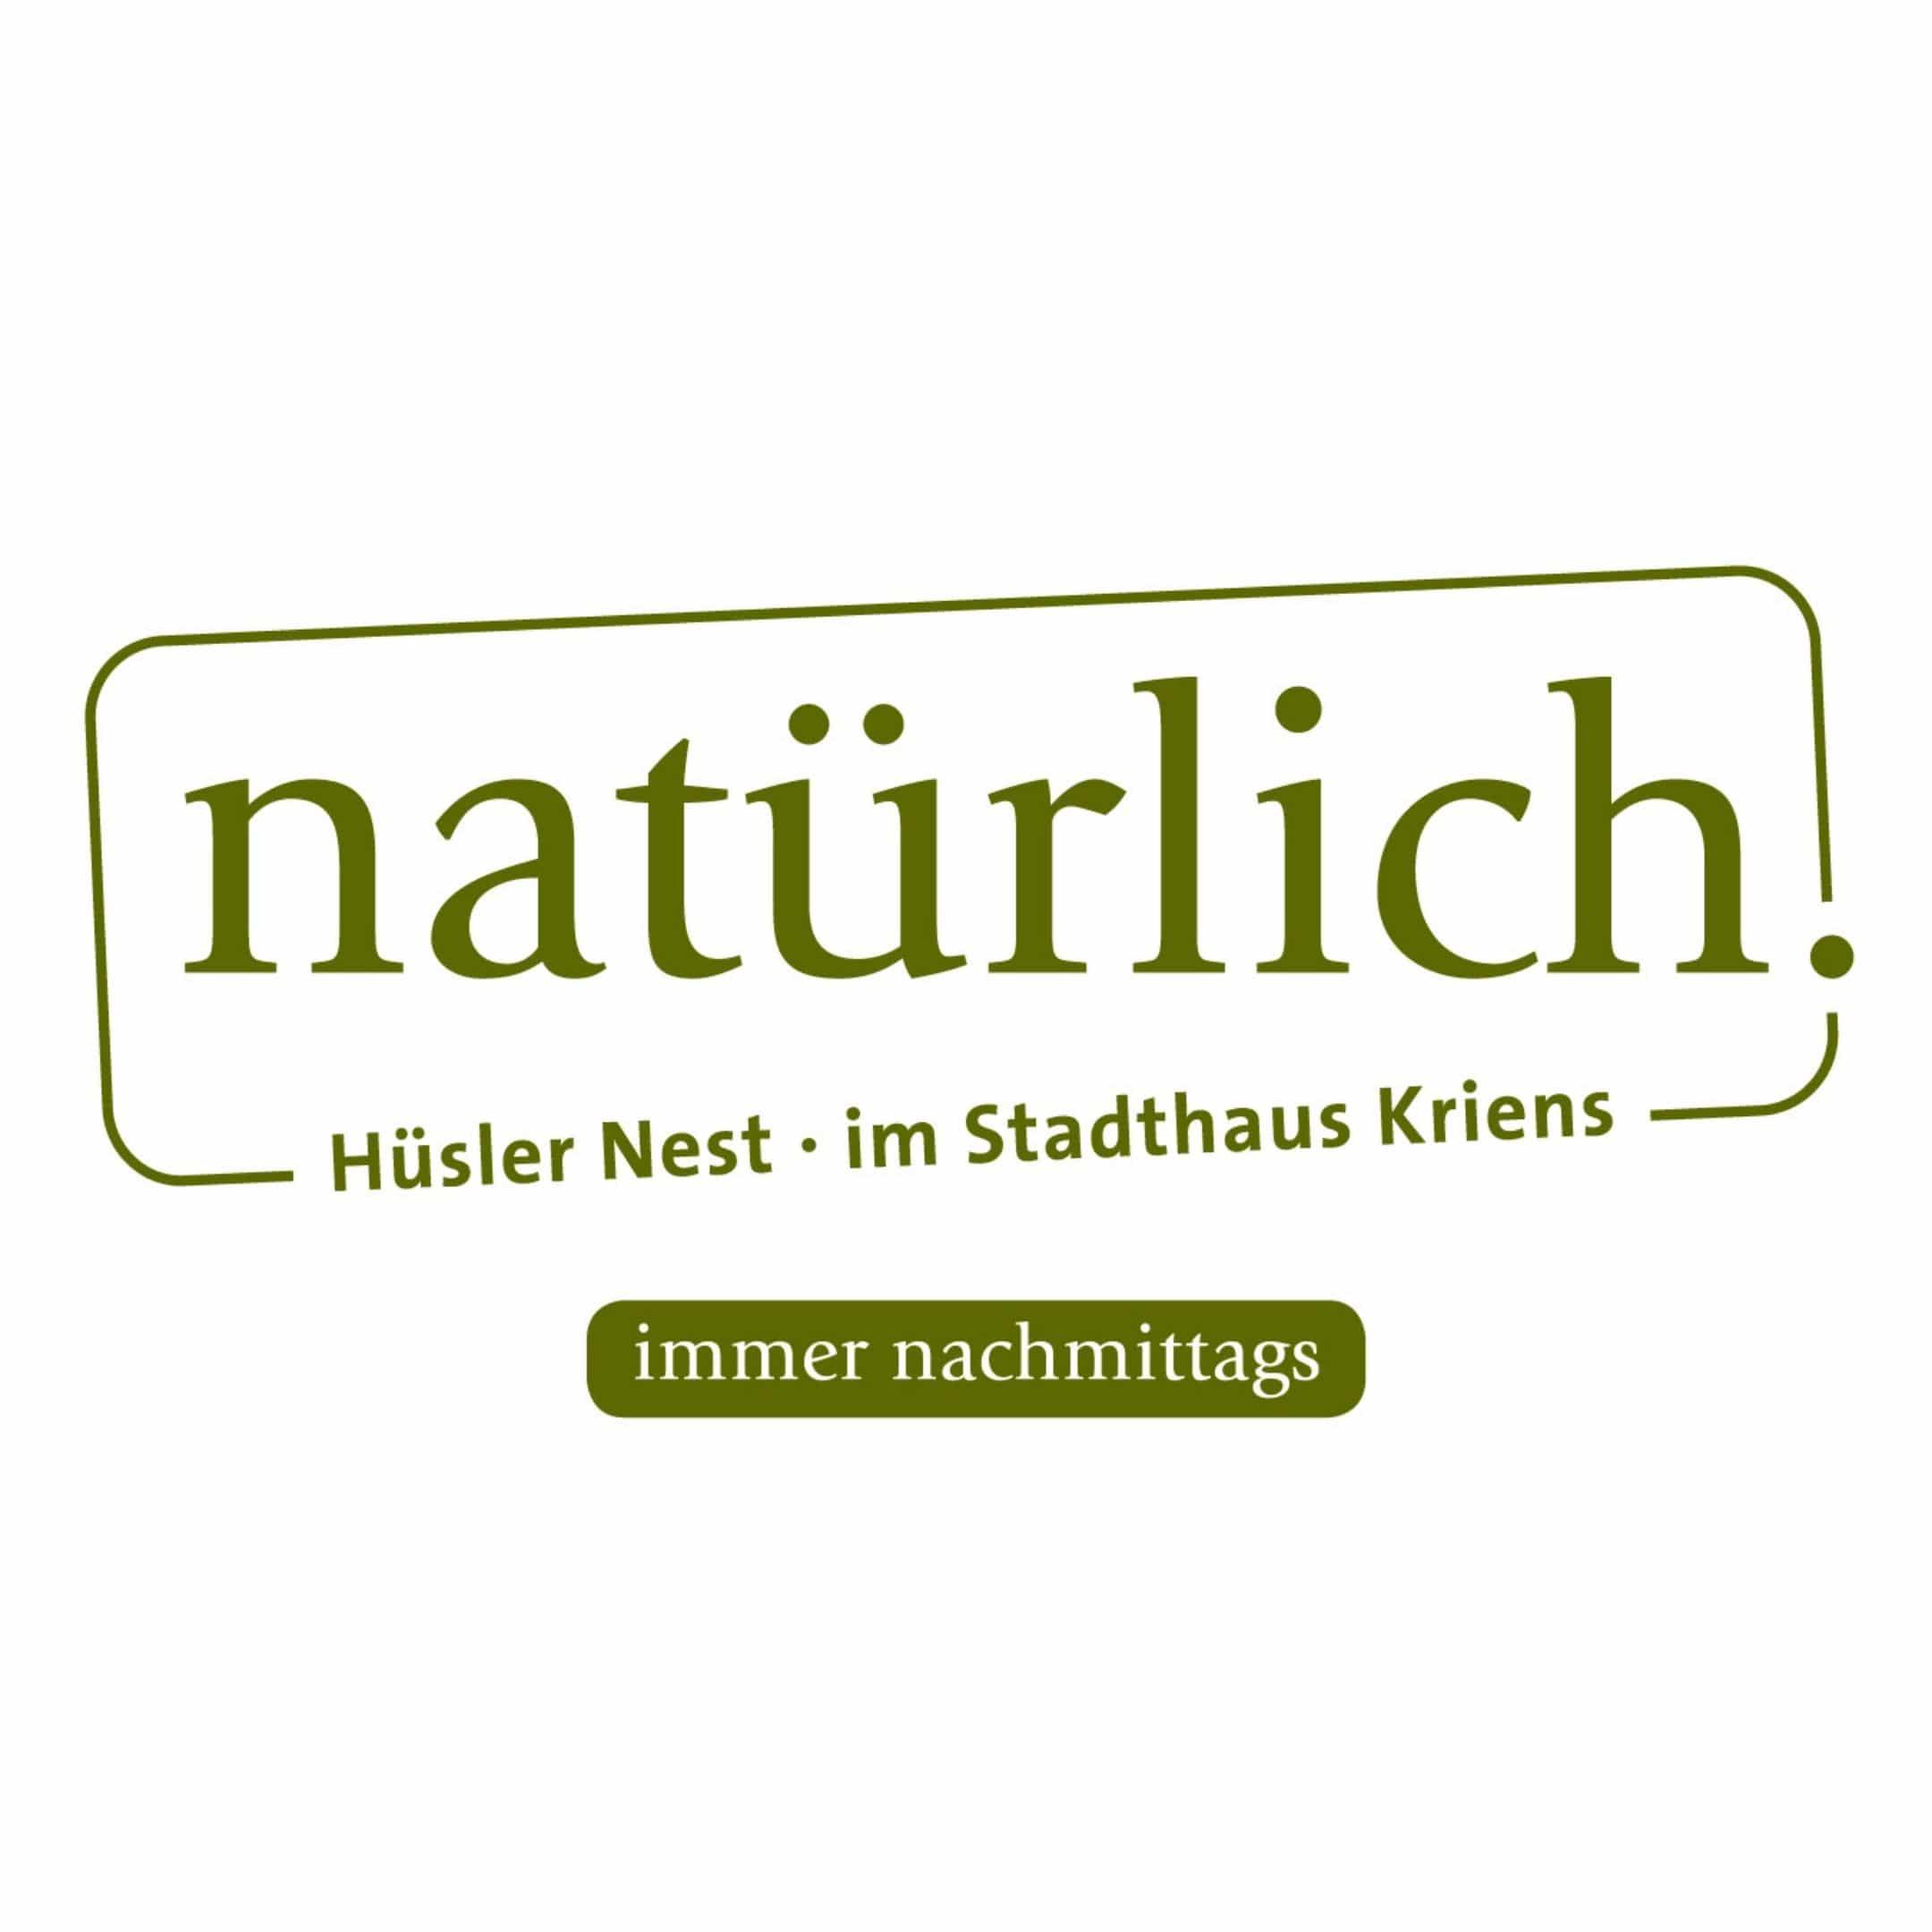 Hüsler Nest im Stadthaus Kriens